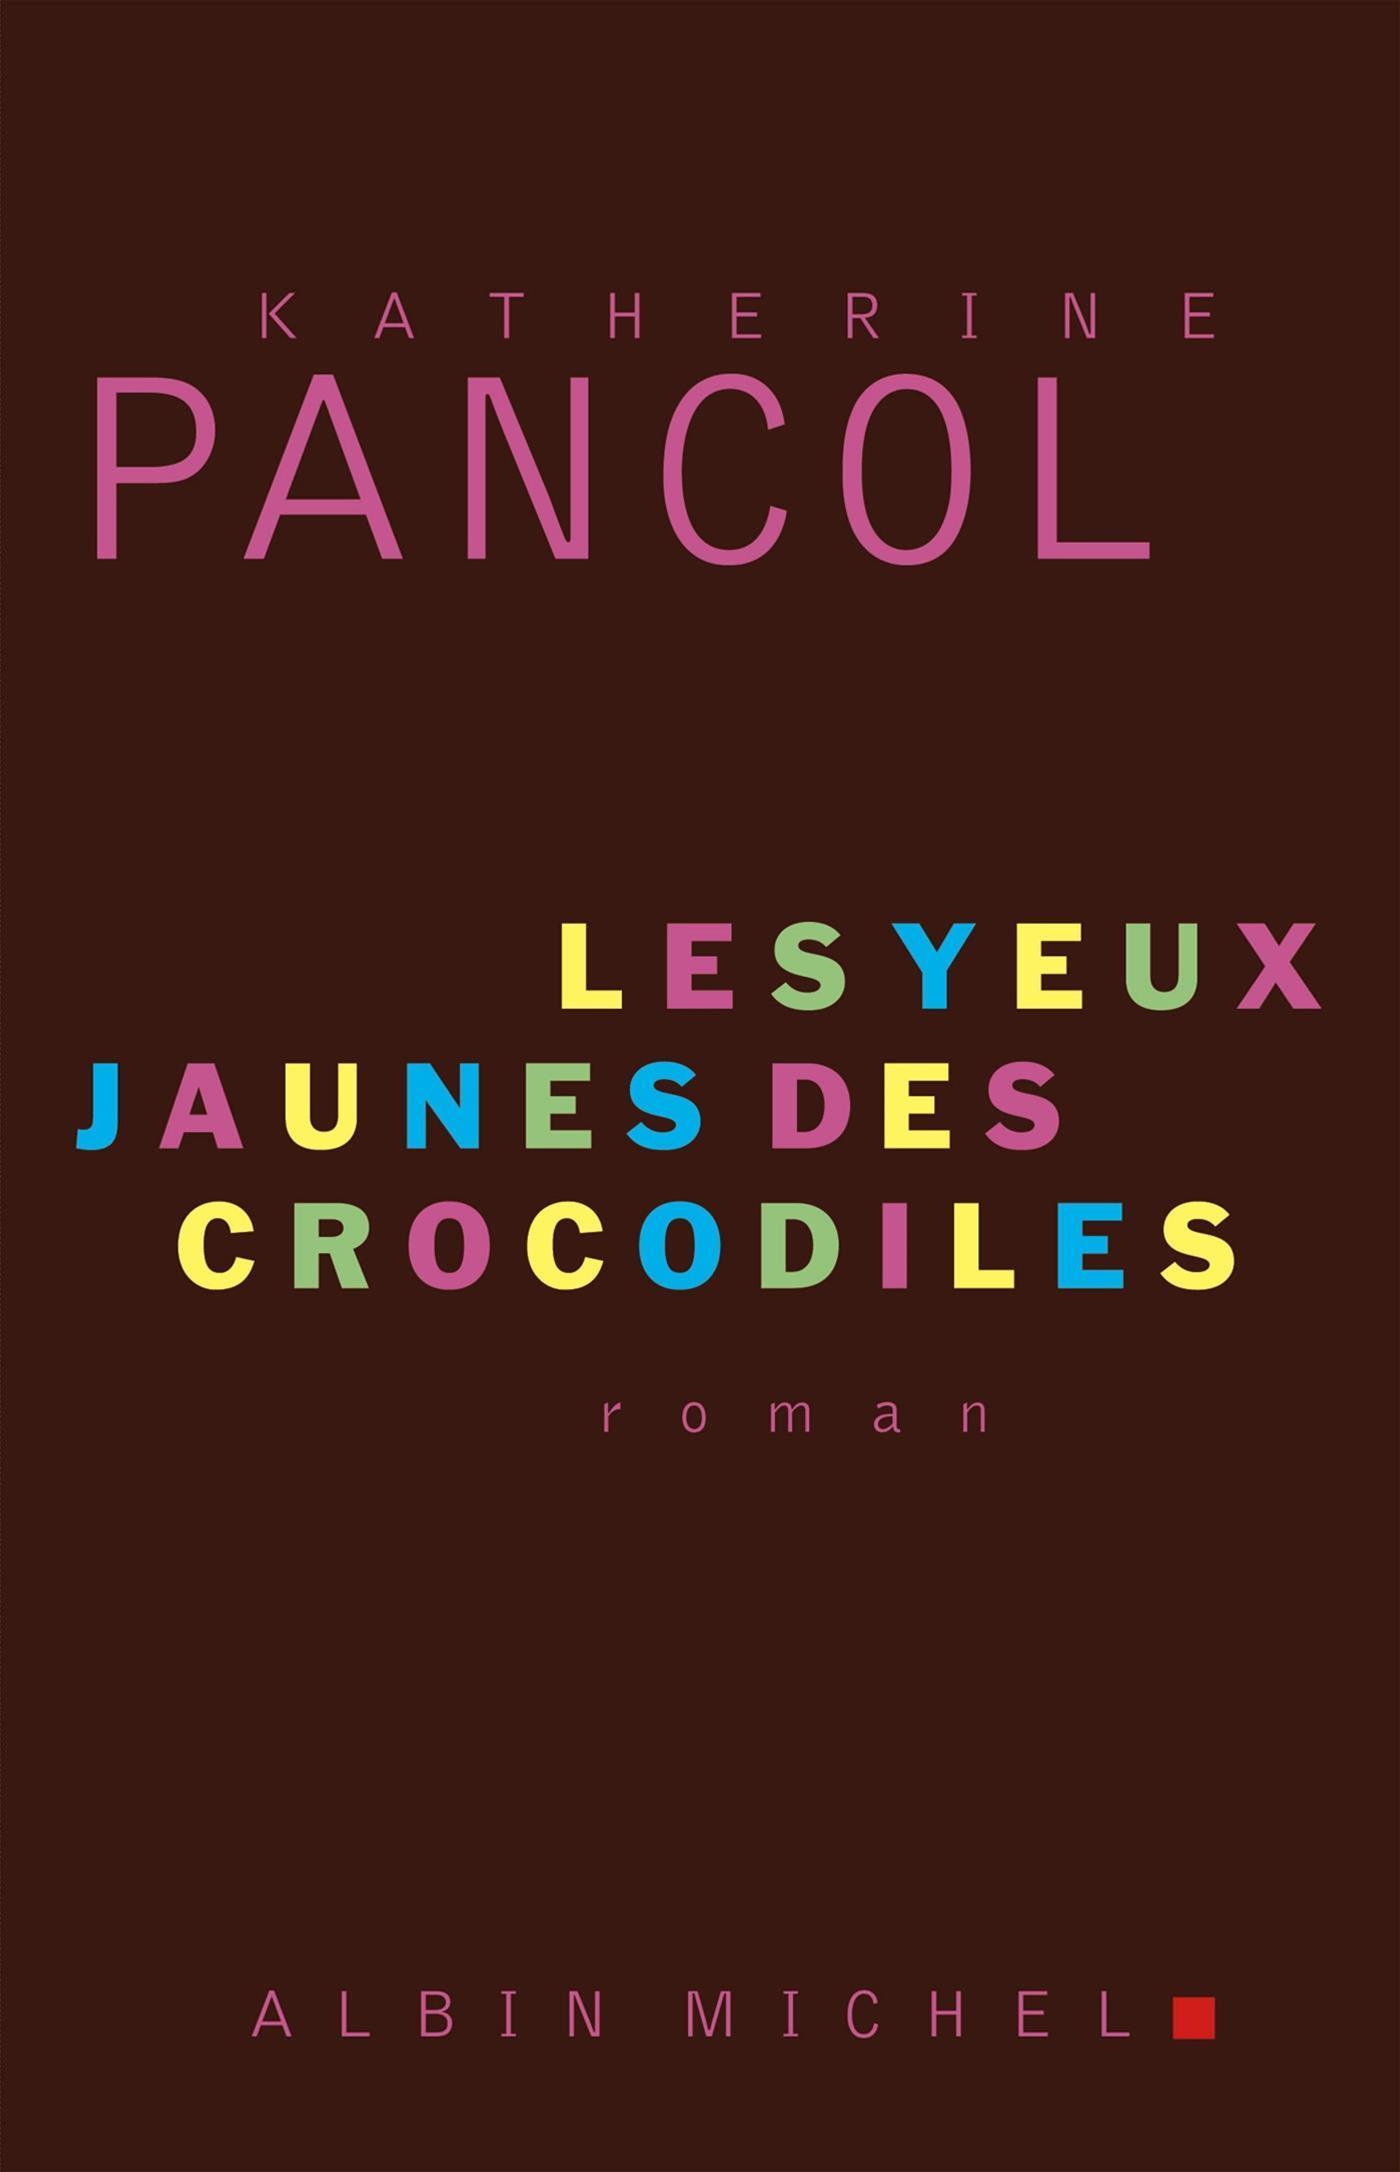 Les Yeux Jaunes Des Crocodiles Livre : jaunes, crocodiles, livre, Jaunes, Crocodiles, Katherine, Pancol, Littérature, Roman, Canadien, étranger, Leslibraires.ca